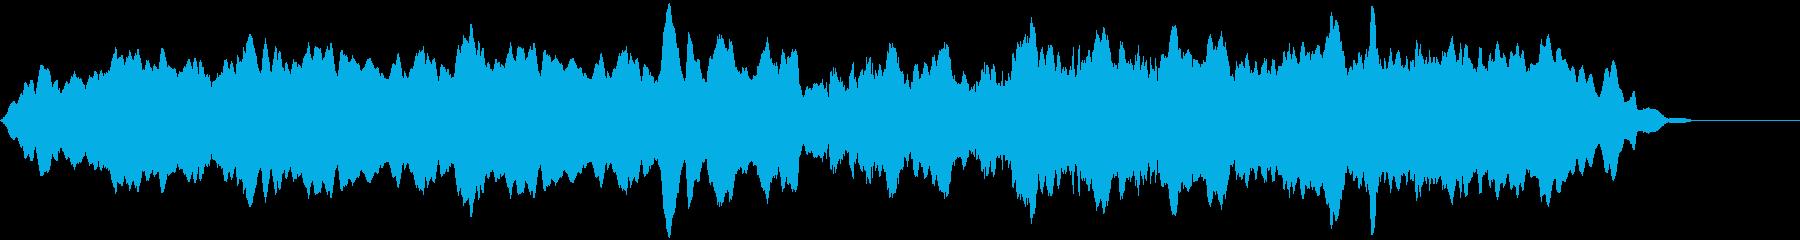 ゆっくりしたうなり声で安定したサブ...の再生済みの波形